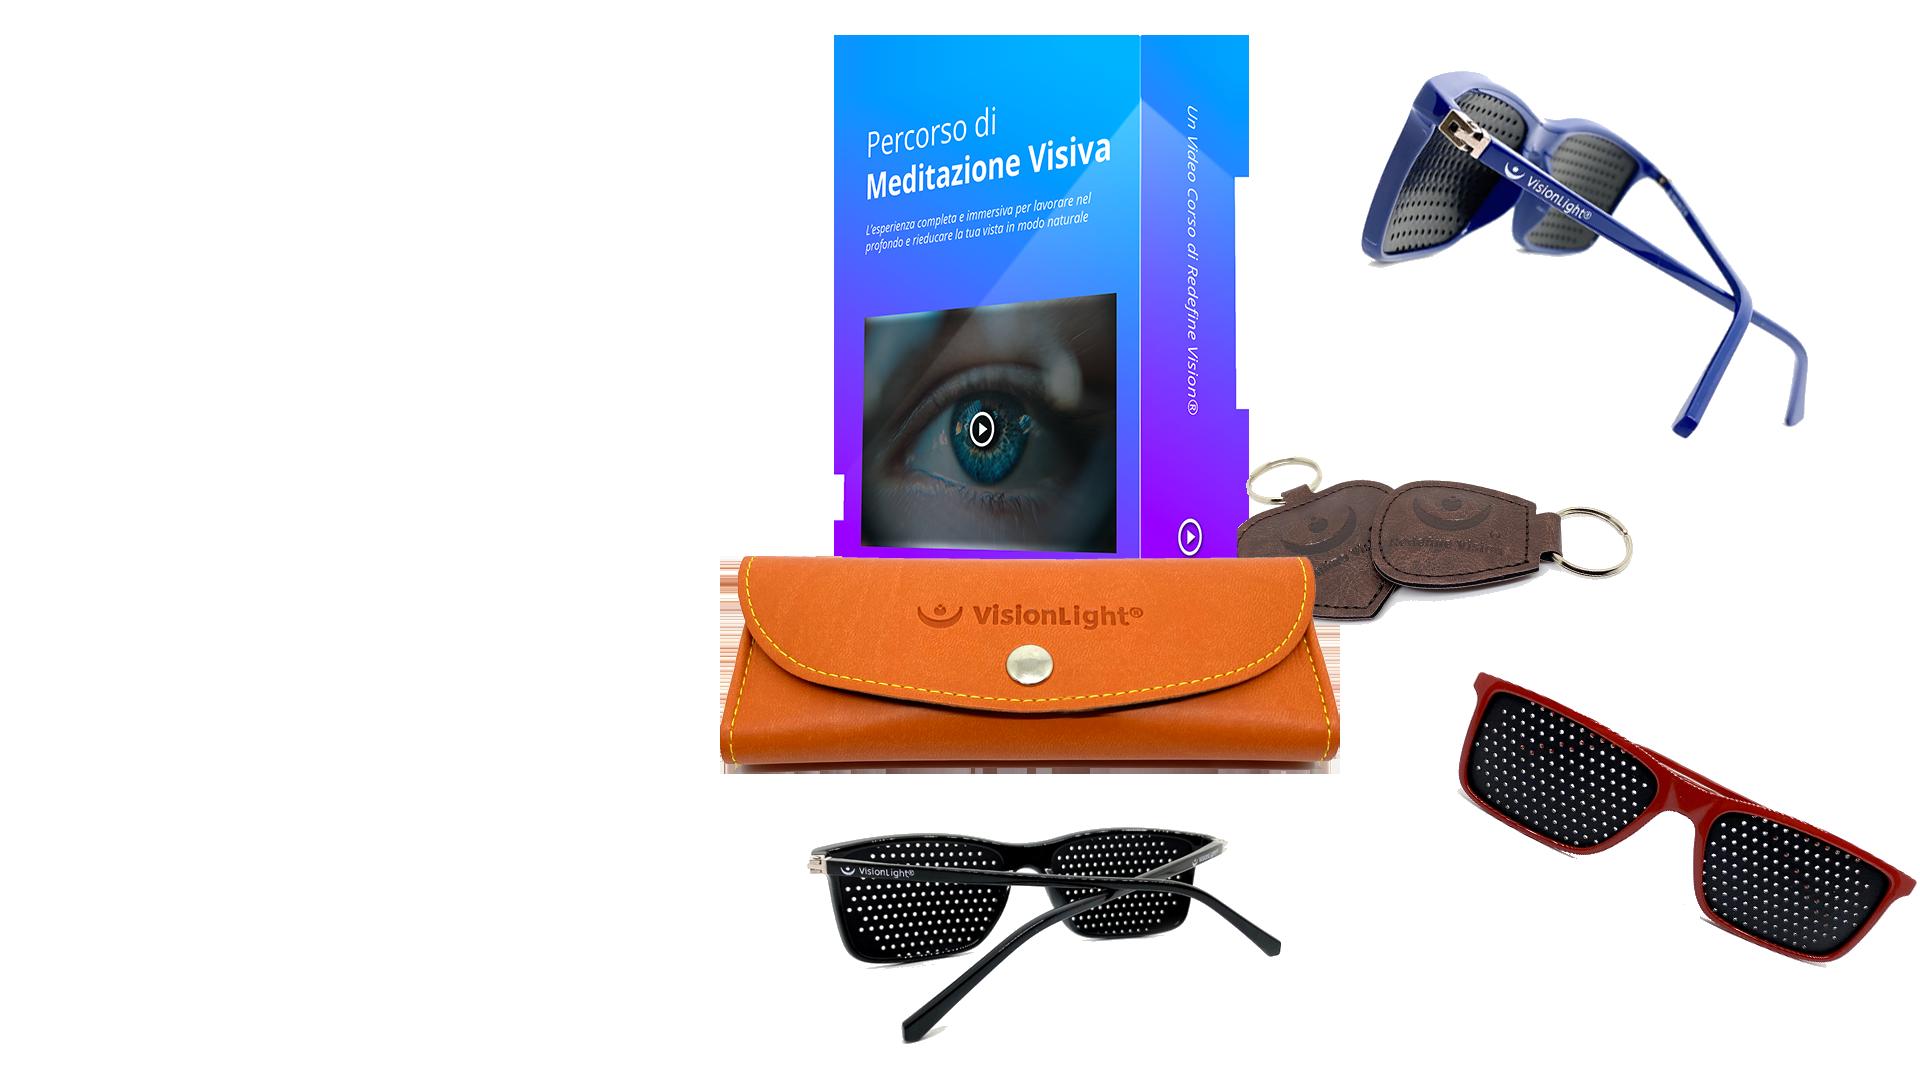 Redefine Vision VisionLight Collezione 2020